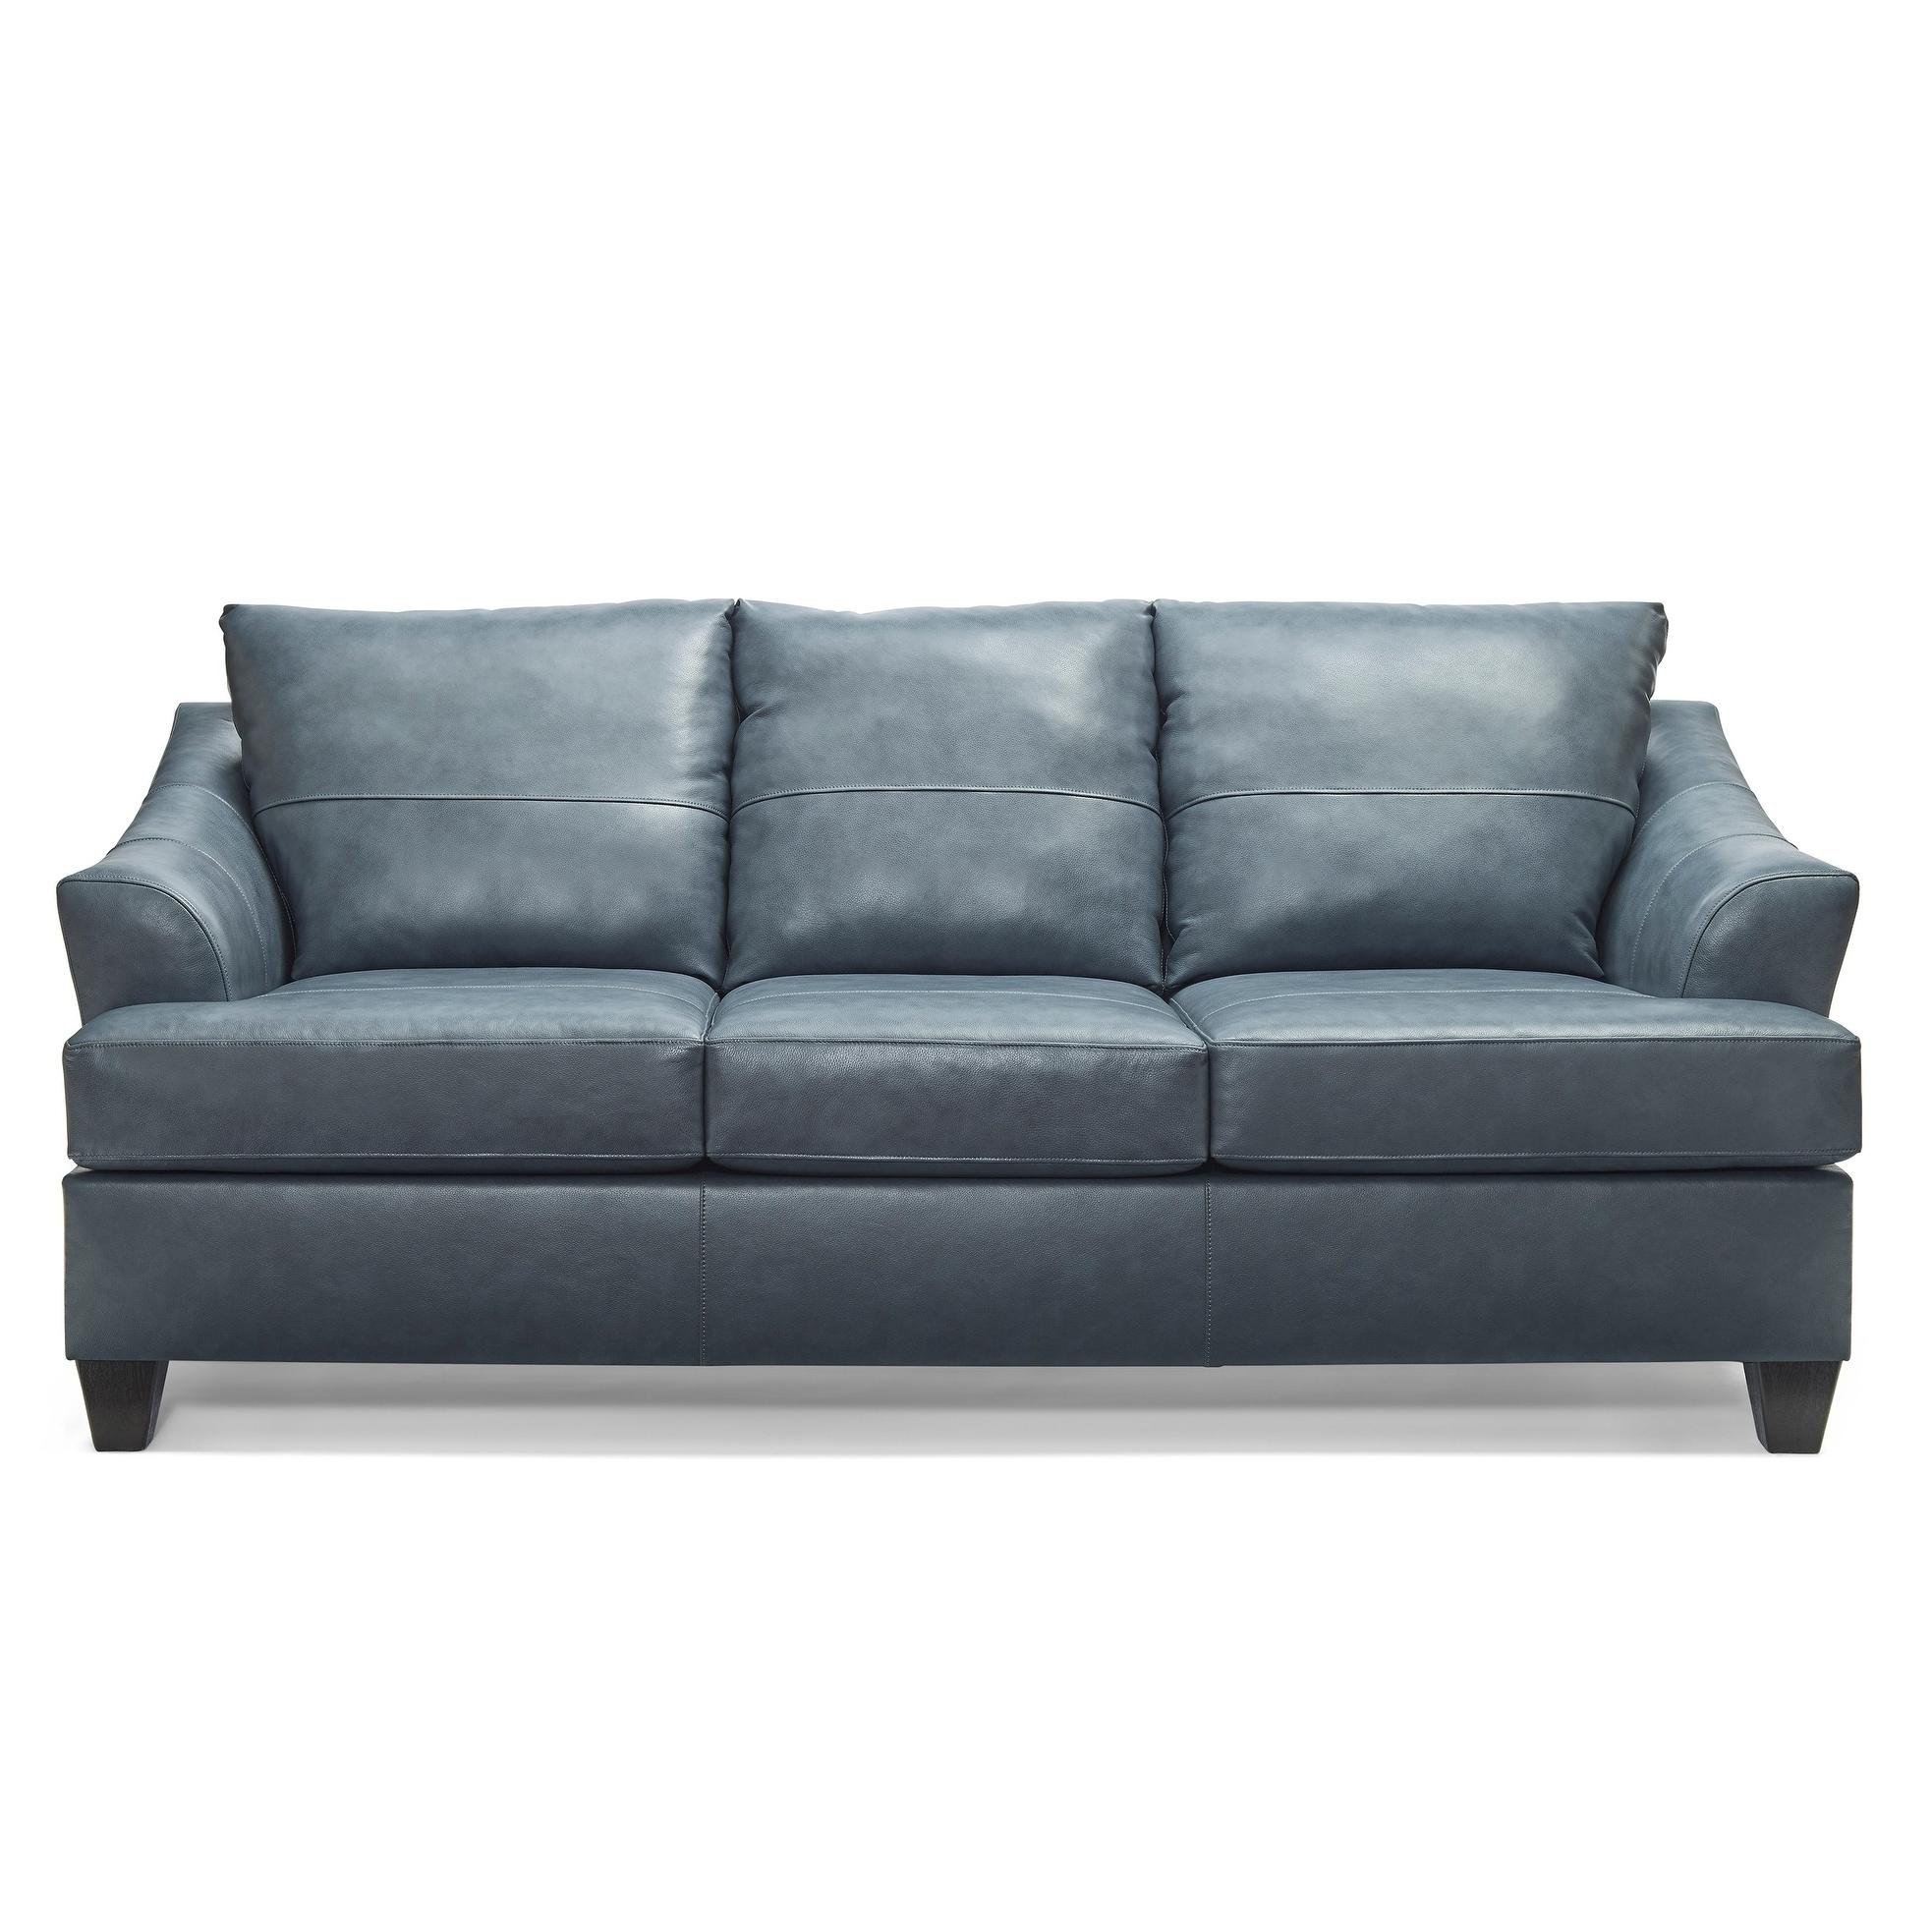 Judith Top Grain Leather Queen Sofa Sleeper